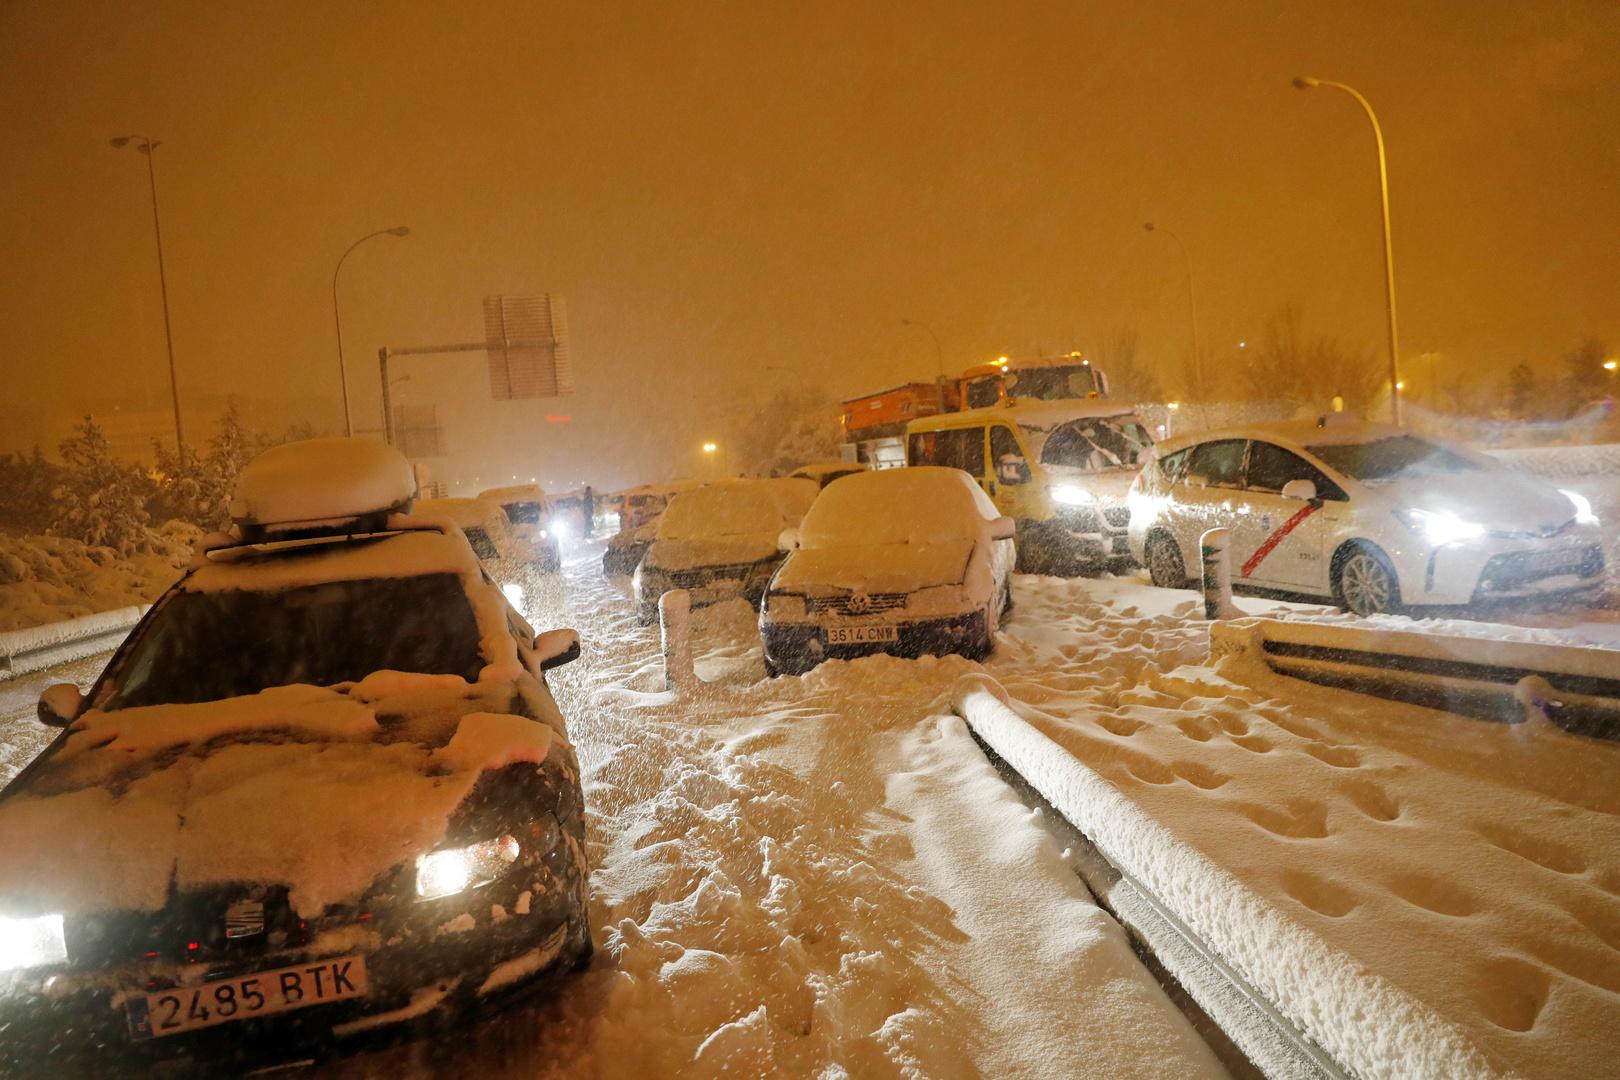 لأول مرة منذ 50 عاما.. الثلوج تتسبب بوقف حركة المرور والقطارات وإغلاق مطار مدريد